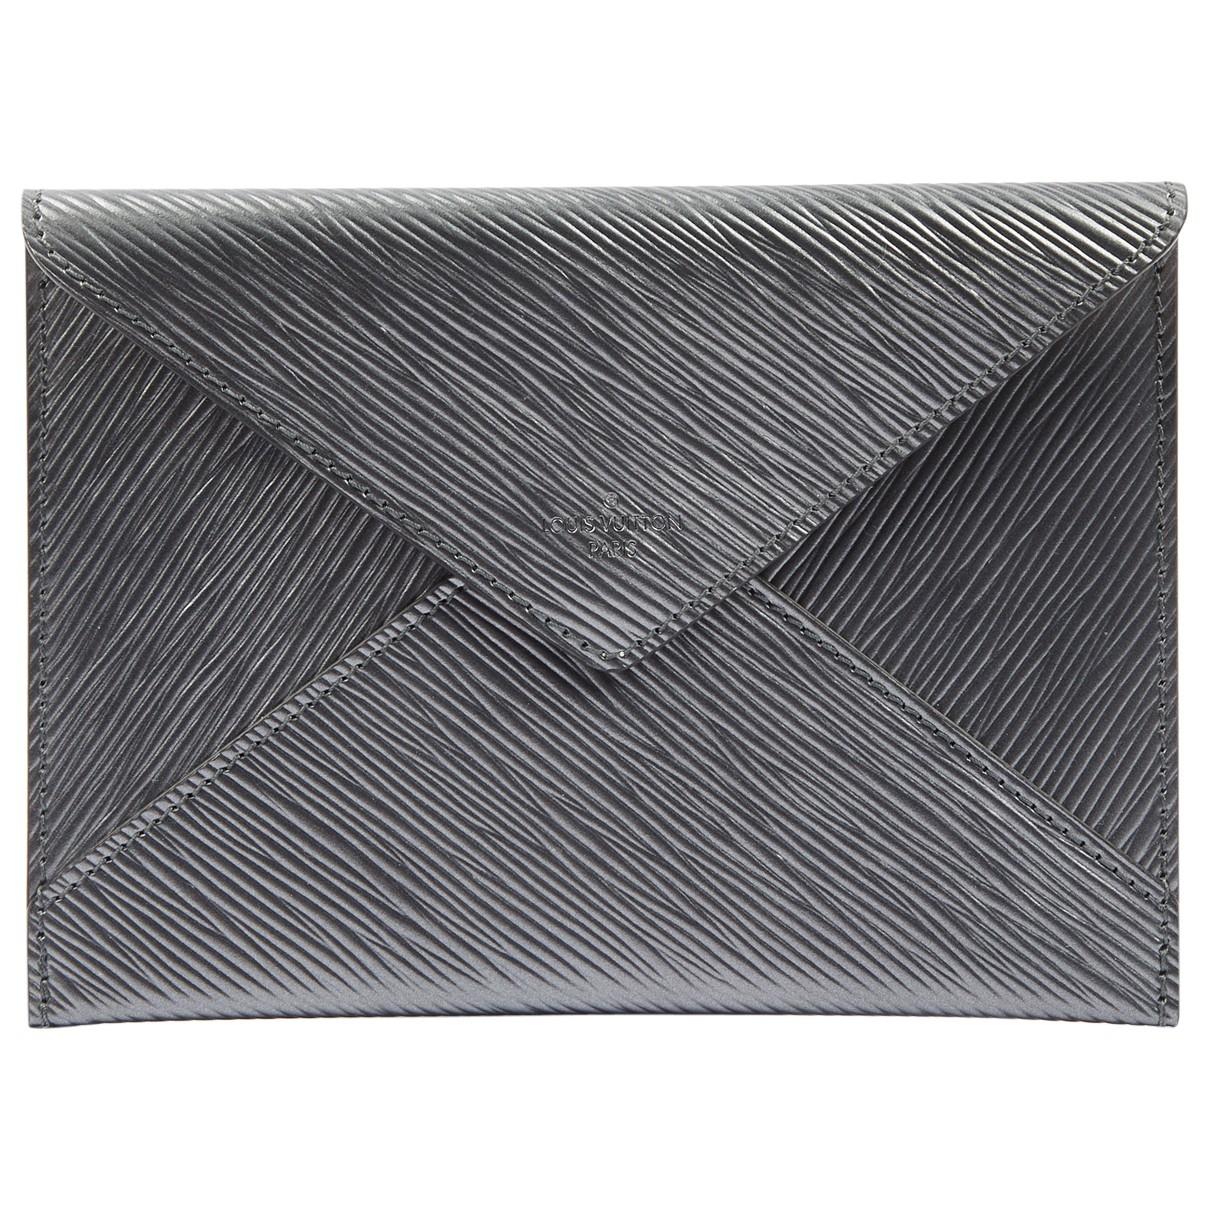 Louis Vuitton \N Portemonnaie in  Grau Leder